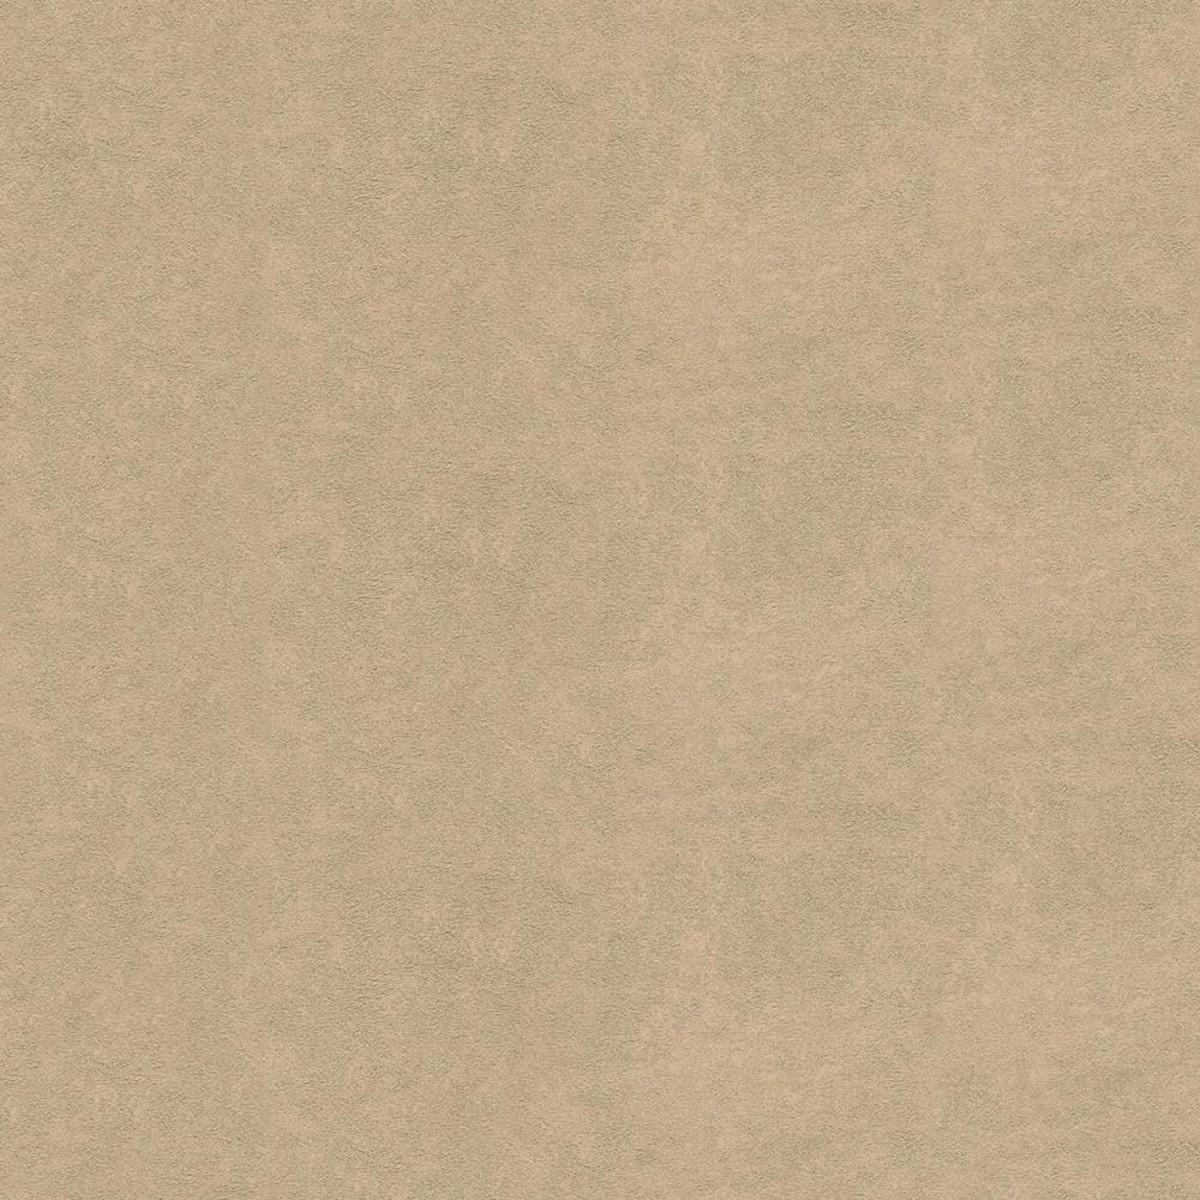 Обои флизелиновые Мир Авангард коричневые 1.06 м 45-212-01